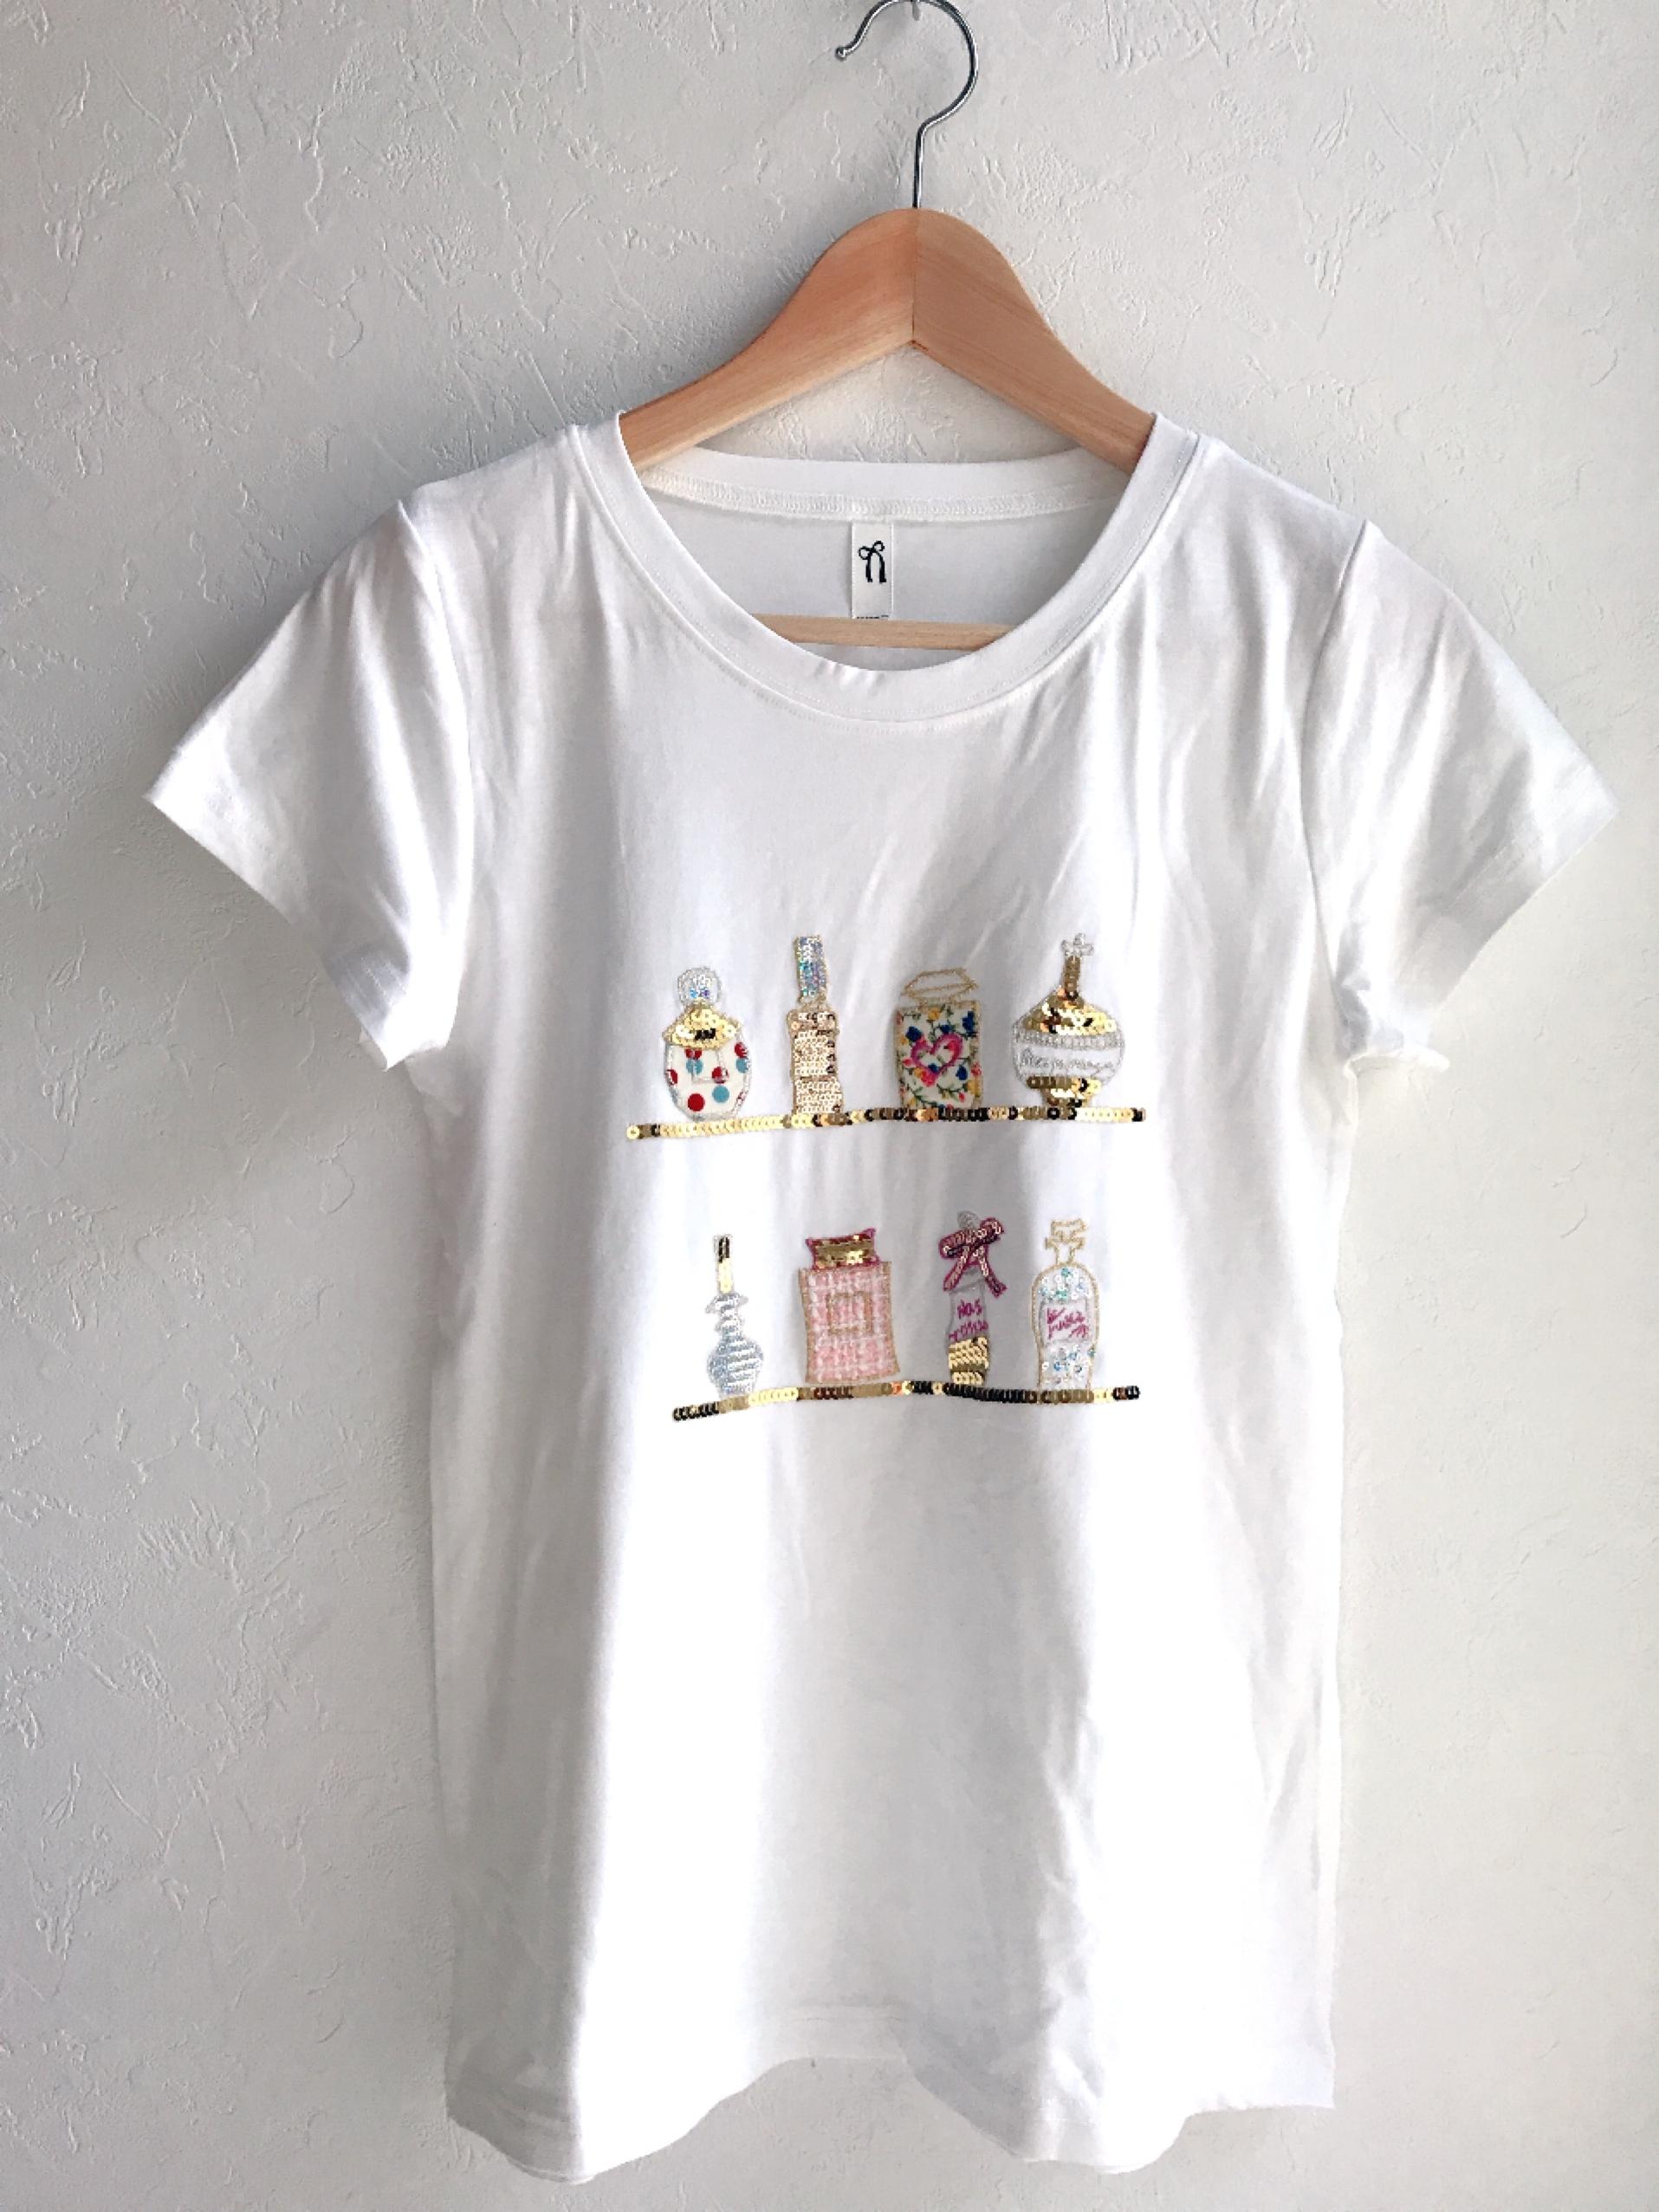 再入荷★香水瓶いっぱいの刺繍スパンコールTシャツ ホワイト